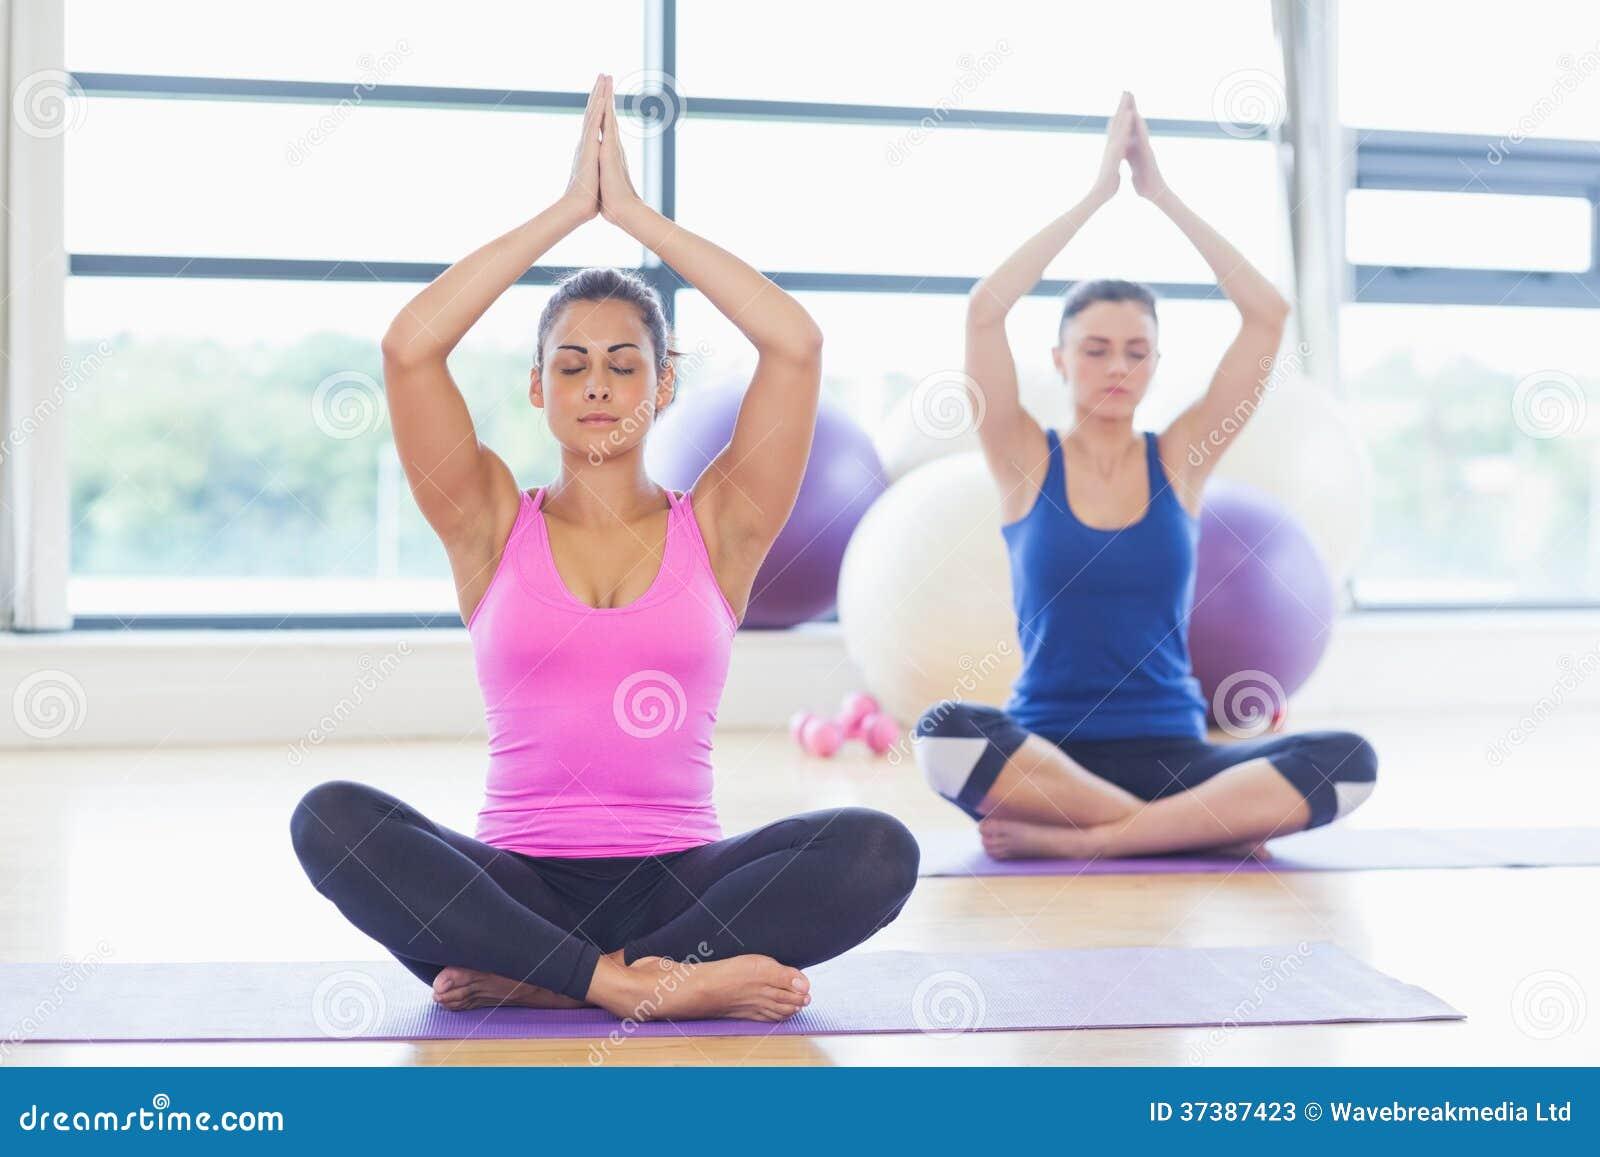 Deux femmes sportives avec jointif remet des têtes au studio de forme physique